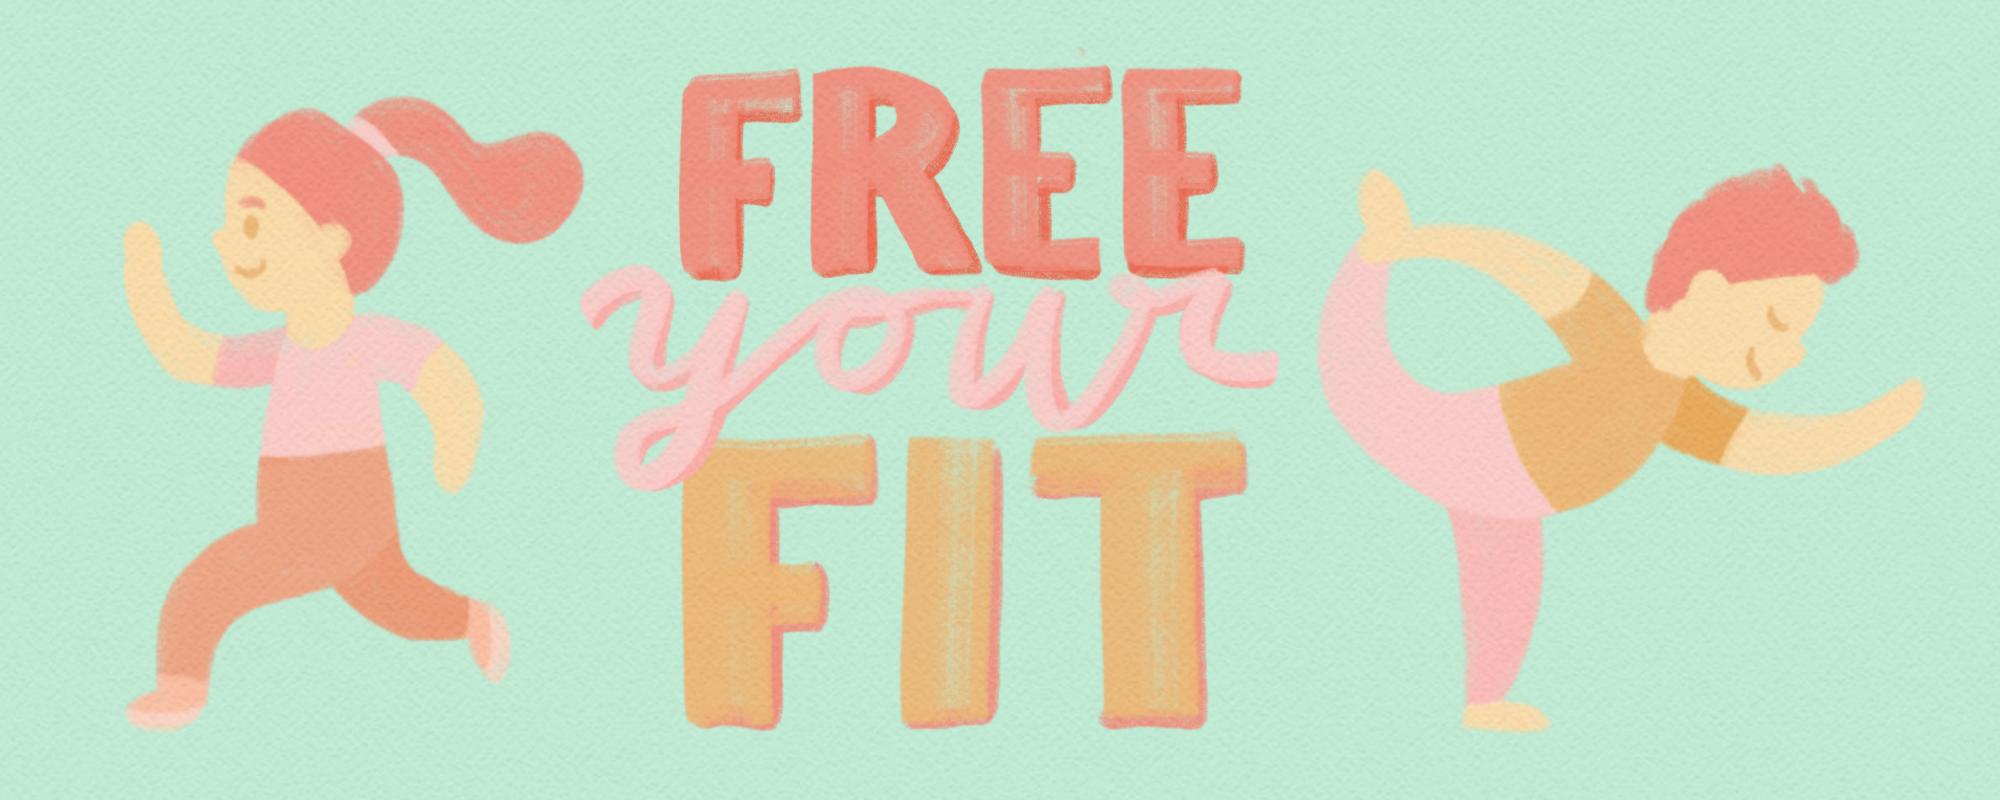 free fitness canberra Lexi Keelan for Leiden